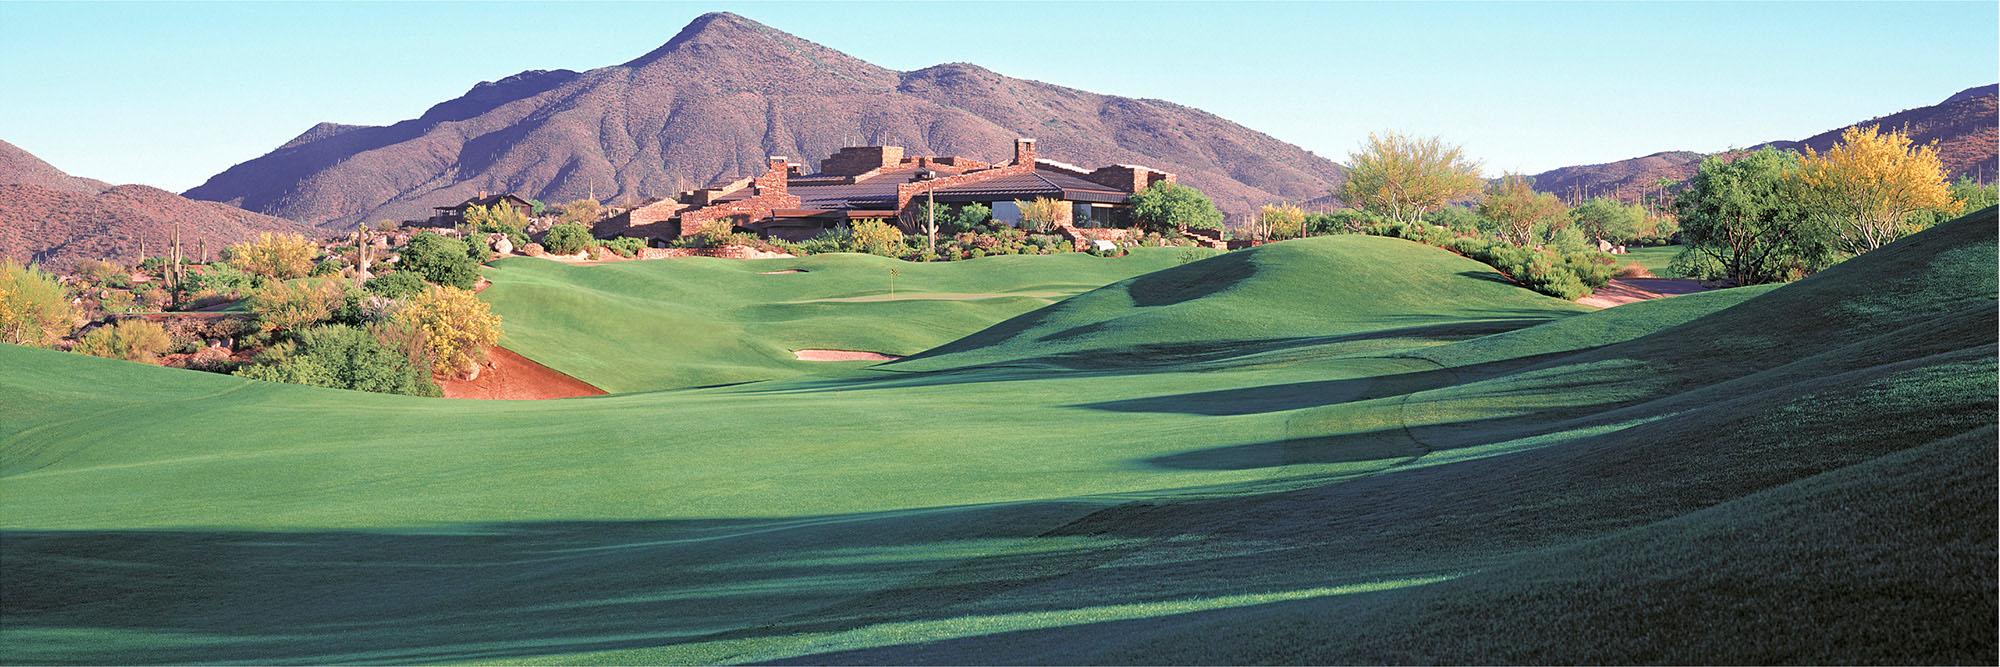 Golf Course Image - Desert Mountain Cochise No. 9